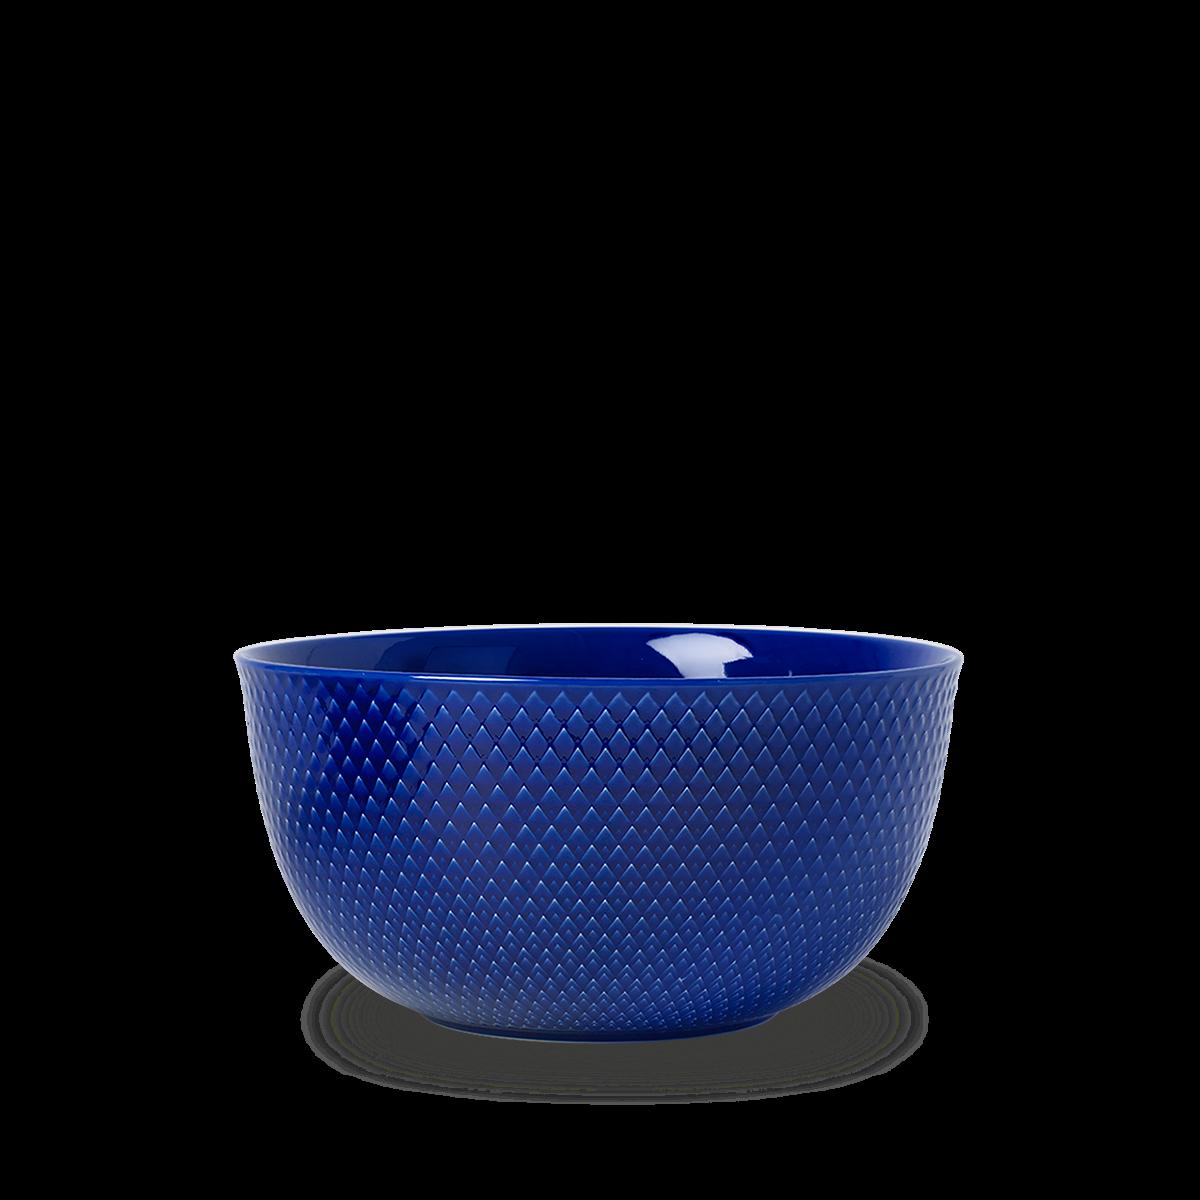 Lyngby Porcelæn - Rhombe Color Serving Bowl Dia. 22cm - Dark Blue (201915)